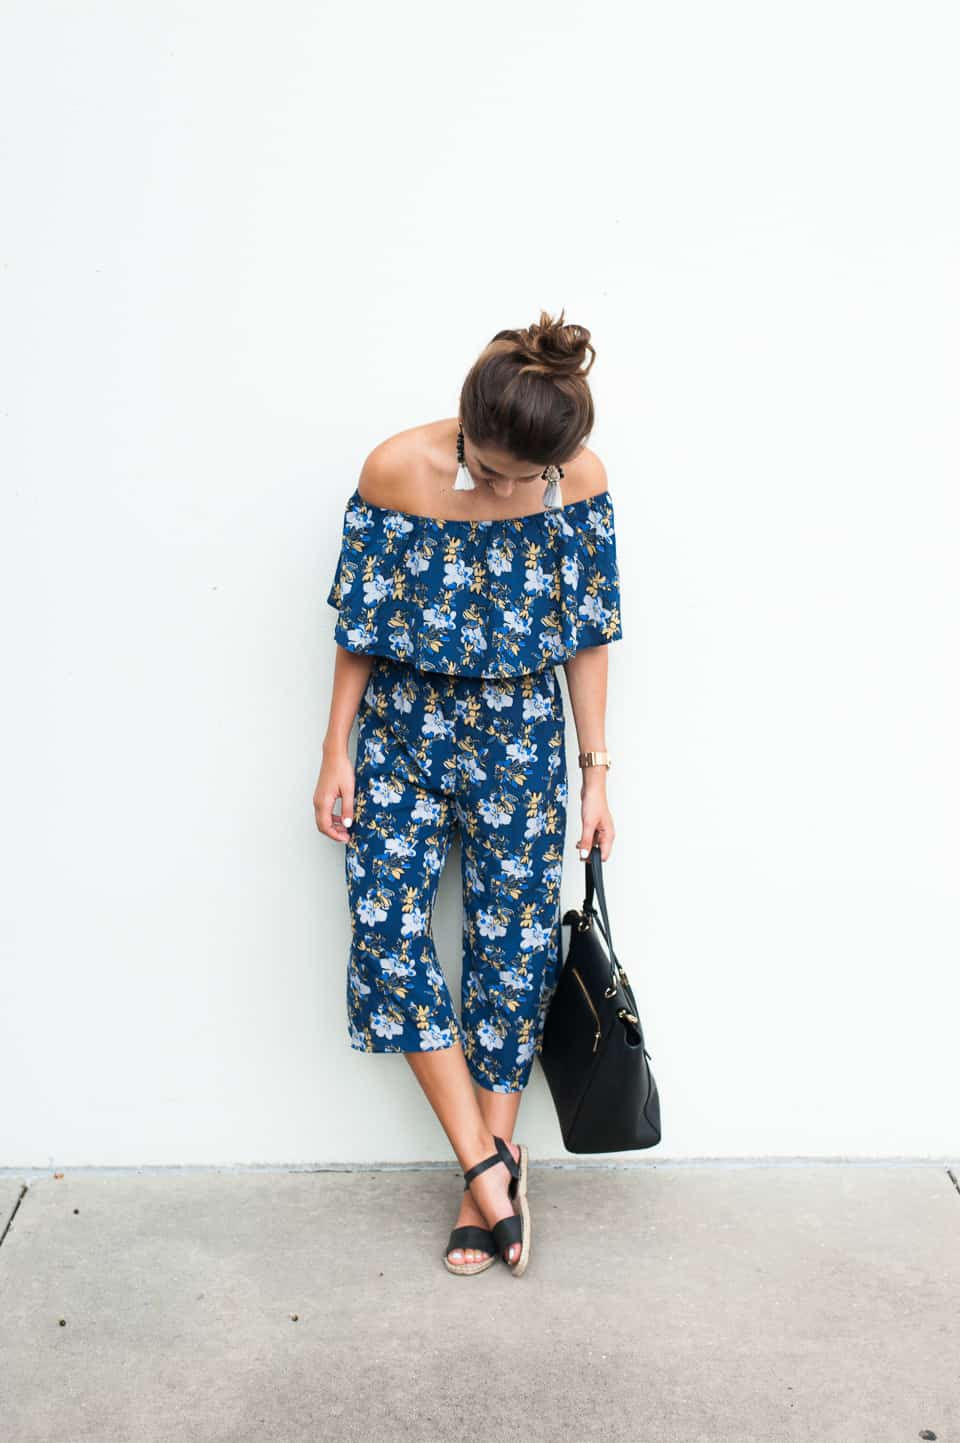 Dress Up Buttercup   Houston Fashion Blog - Dede Raad   Floral Jumper